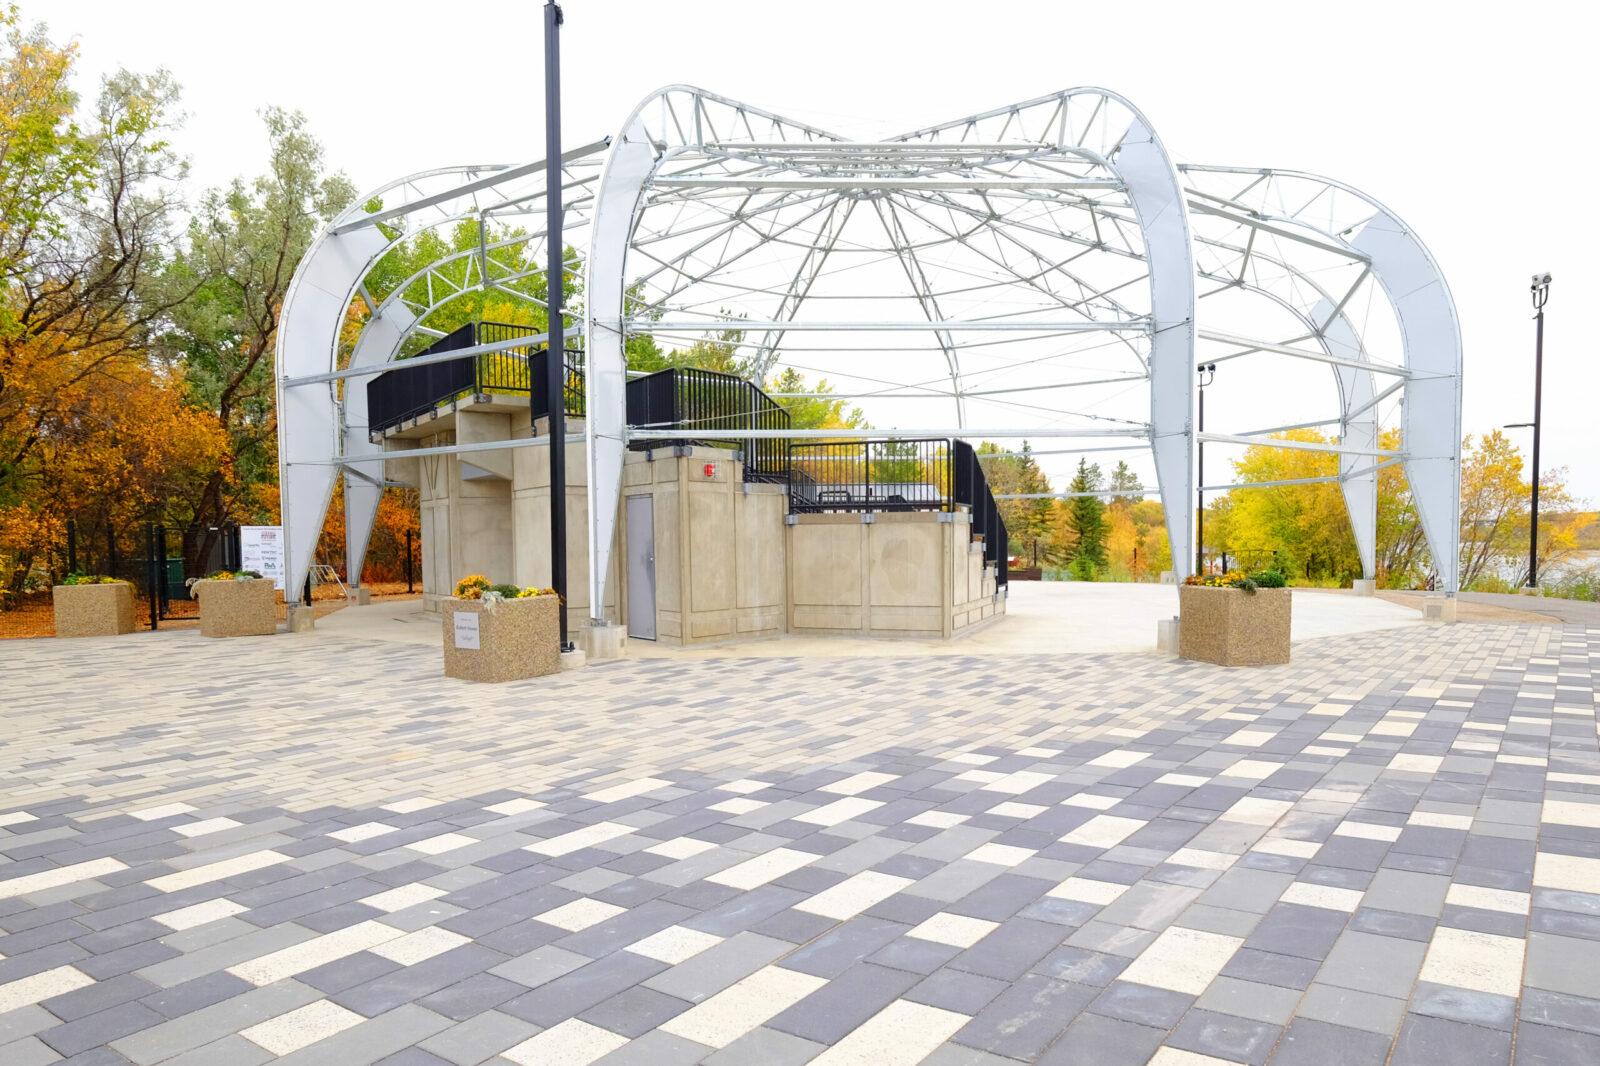 Show the amphitheatre